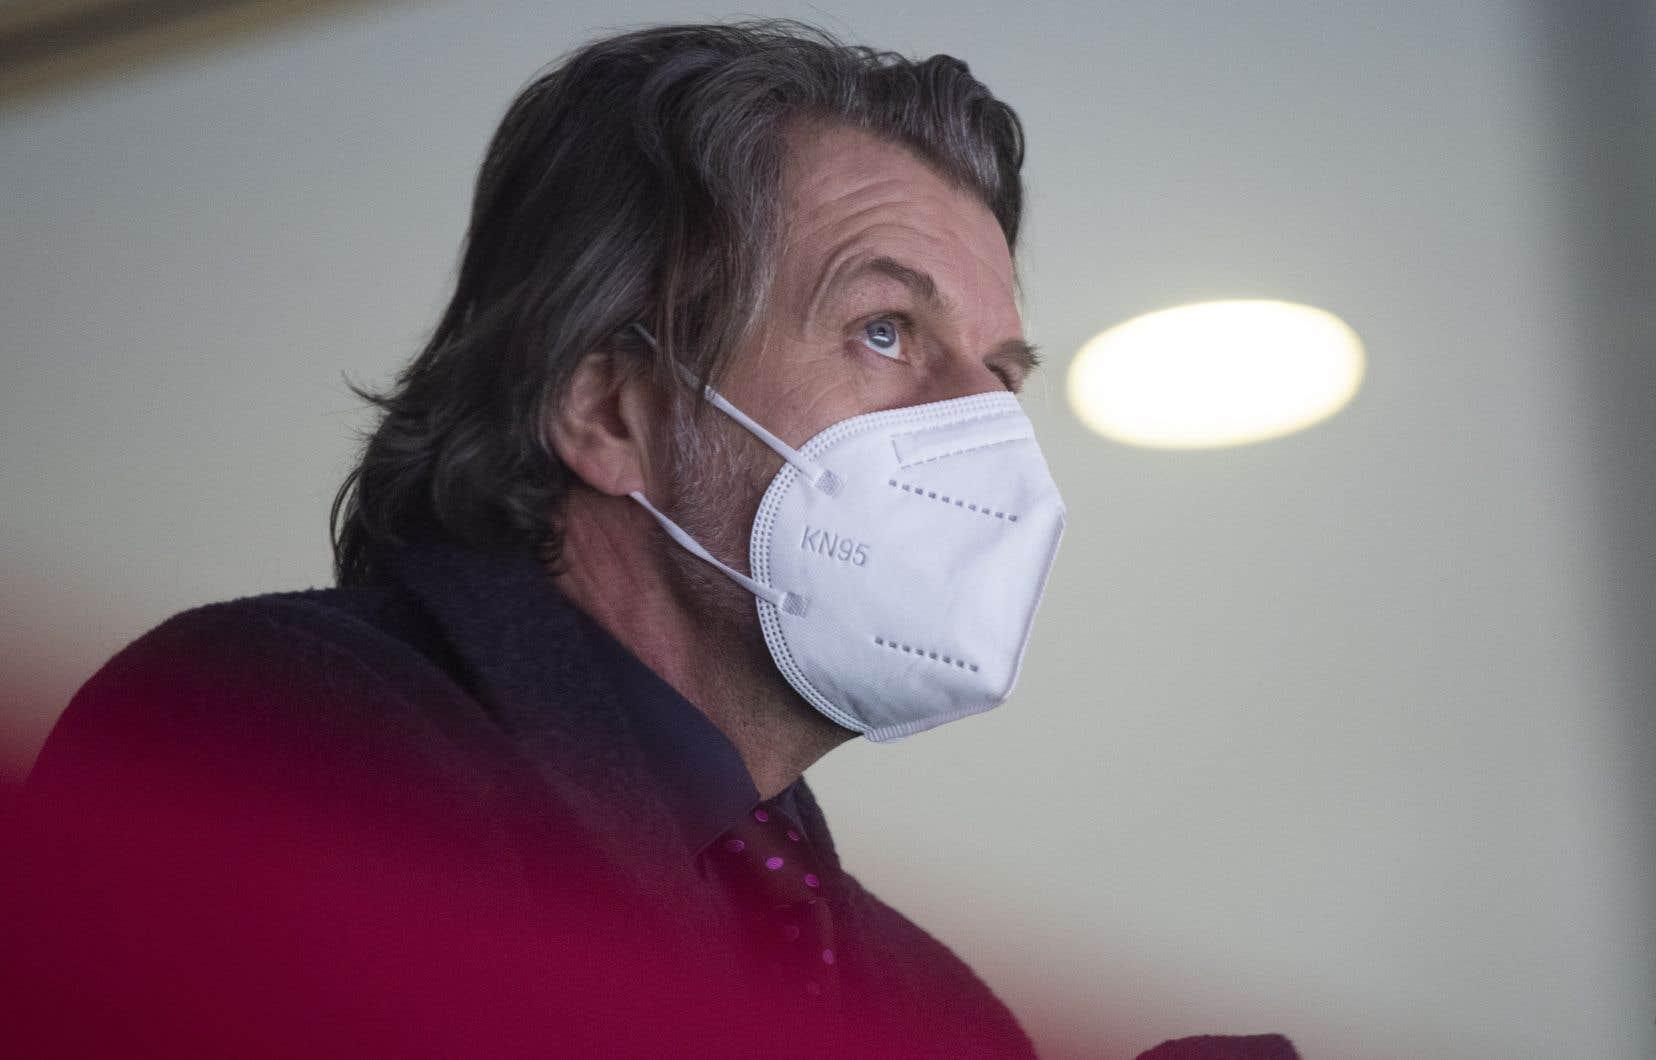 Le directeur général du Tricolore, Marc Bergevin, en train d'observer le match entre les Canadiens de Montréal et les Jets de Winnipeg, le 6 mars dernier.